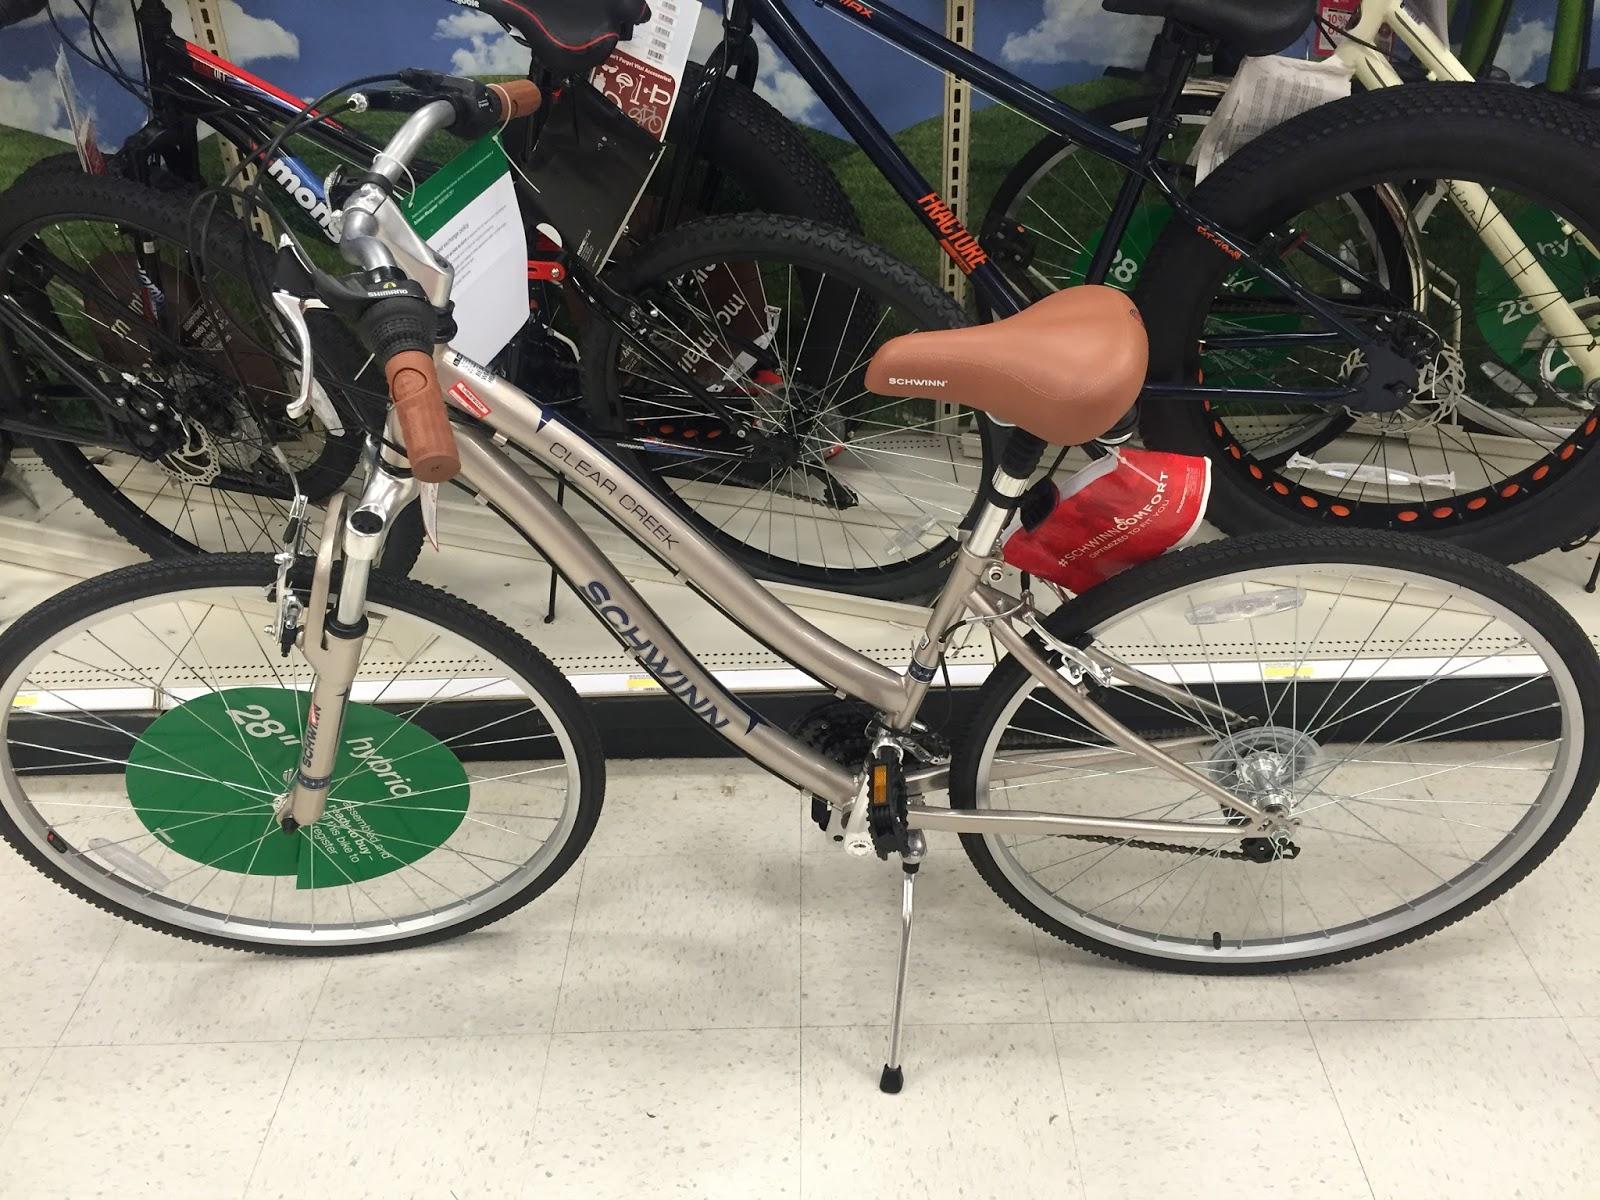 Bike 1 Schwinn Clear Creek Hybrid